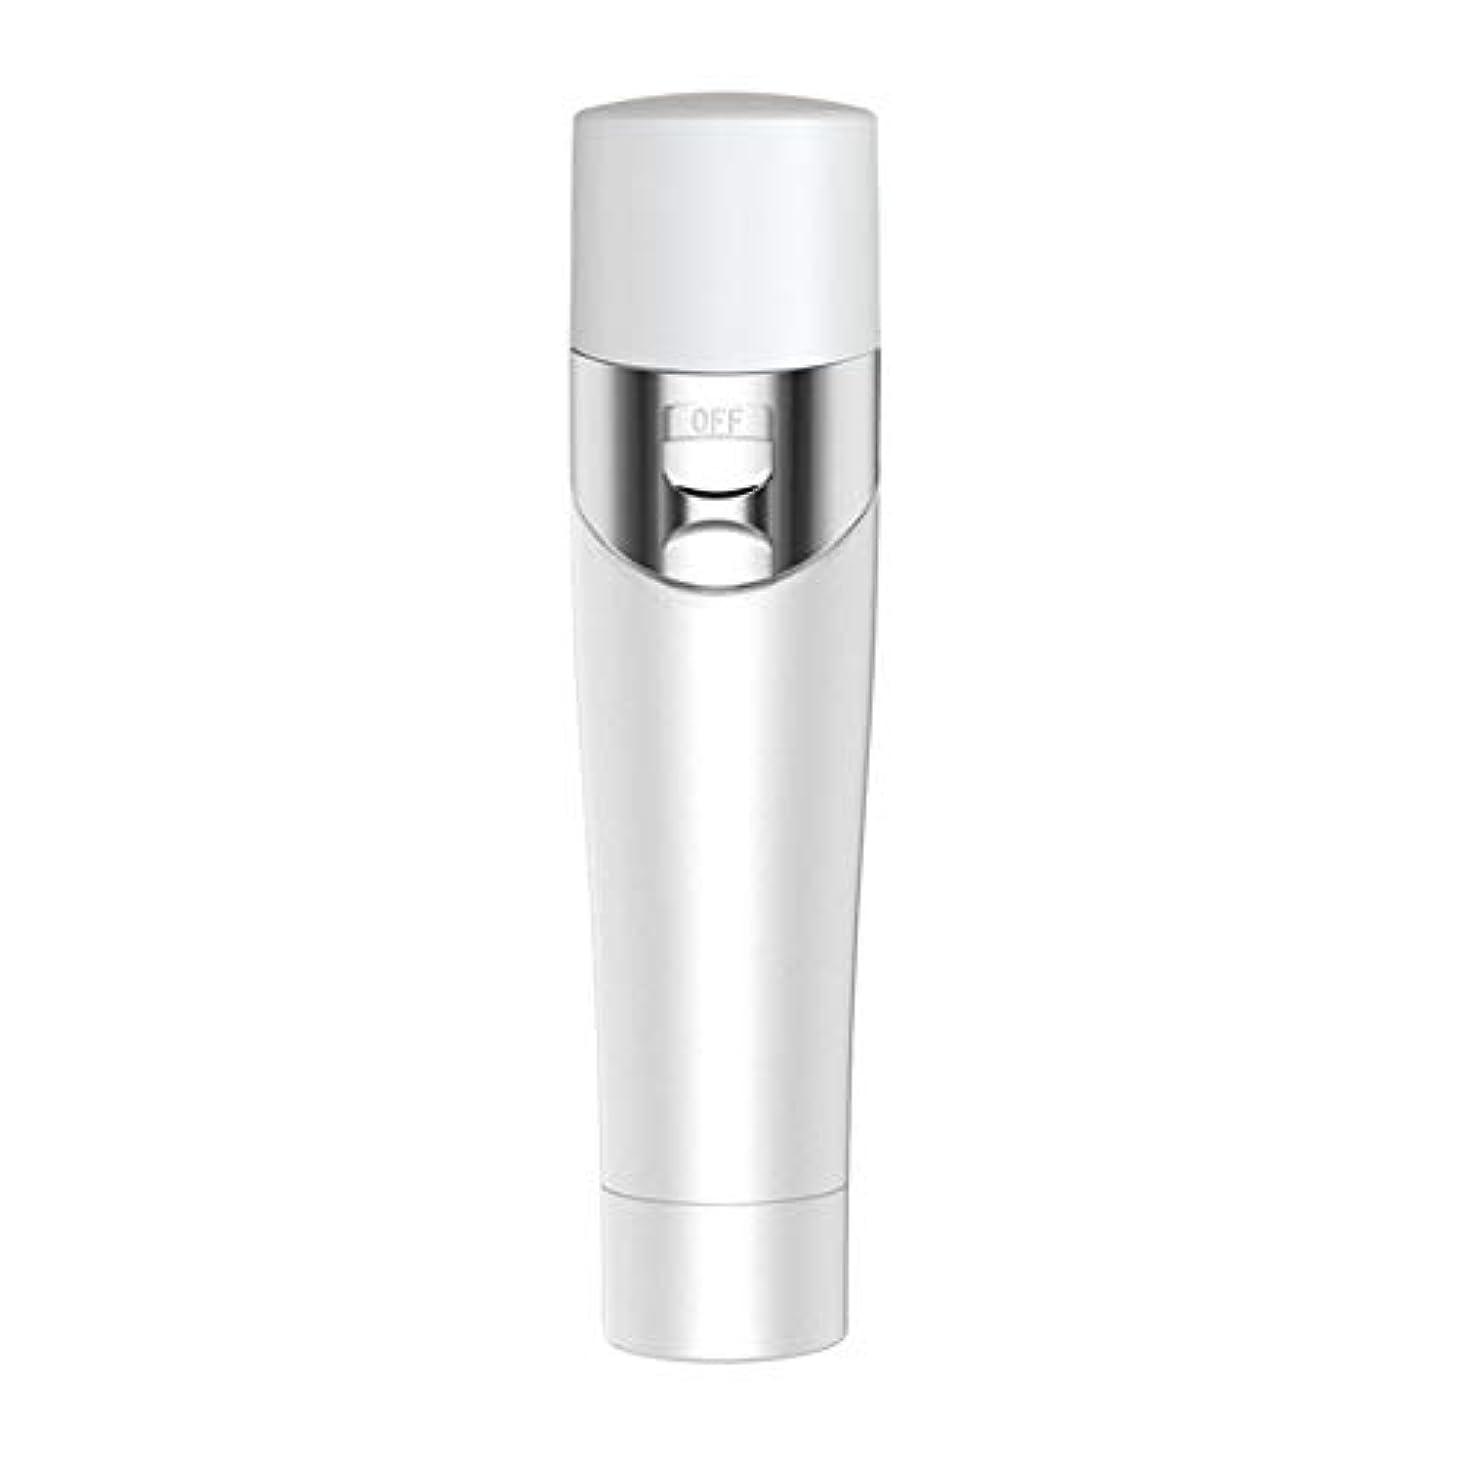 評決寂しい定義する5-in-1電気シェーバー、多機能眉毛シェーピングナイフ、女性のシンプルなファッションクレンジング器具、あらゆる肌タイプに適しています